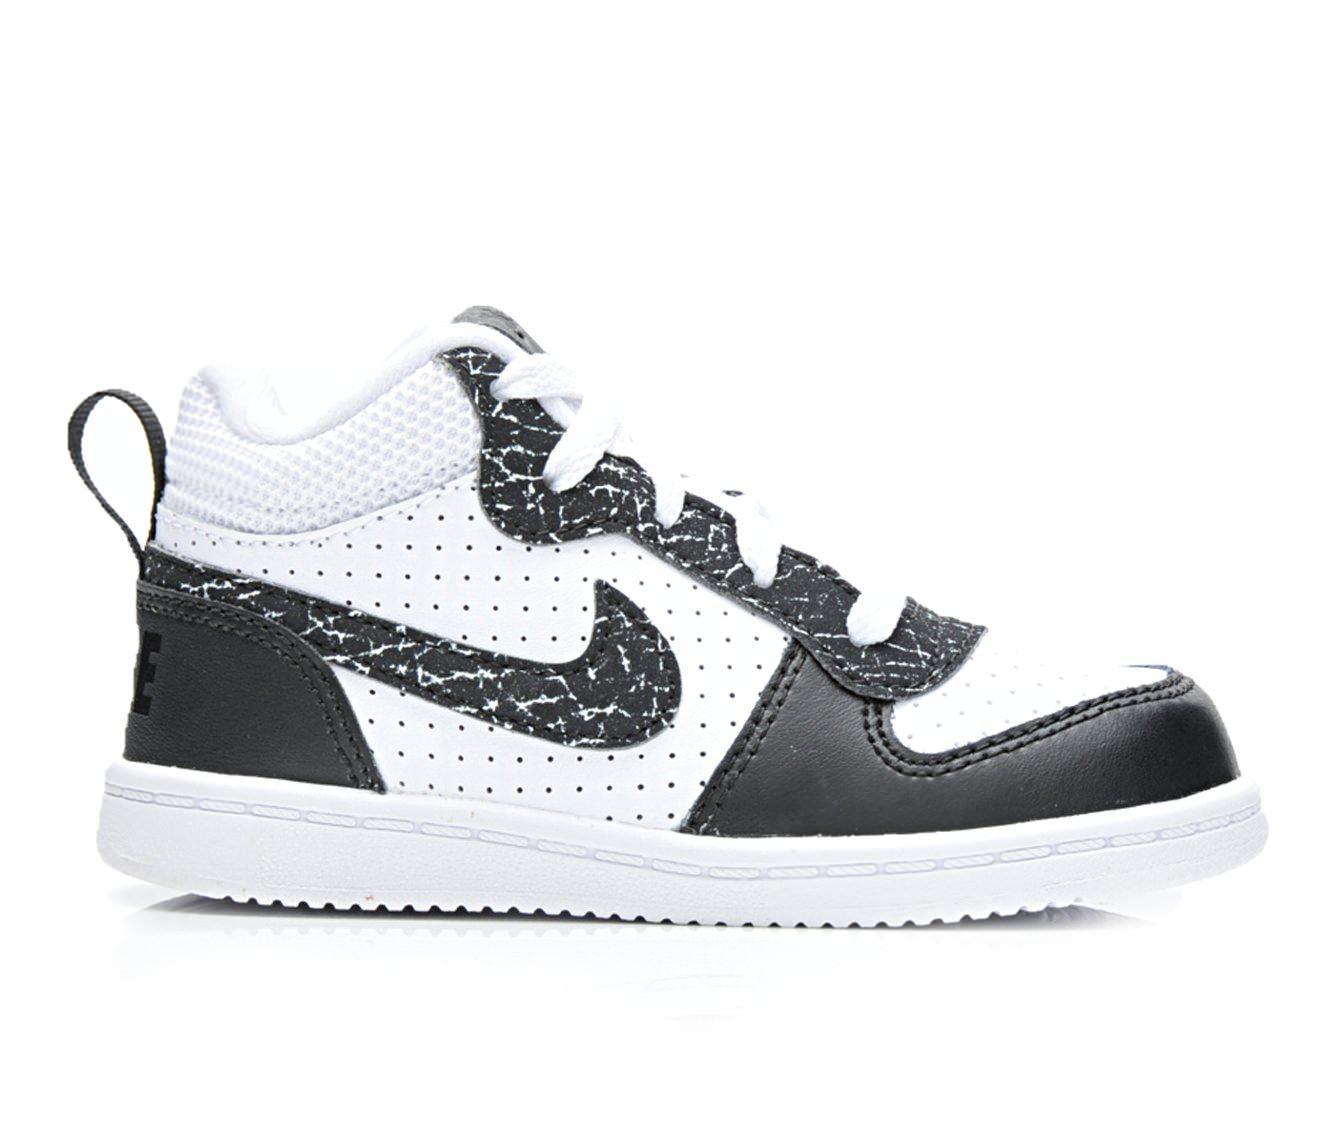 Boys' Nike Infant Court Borough Mid Prm Sneakers (White)